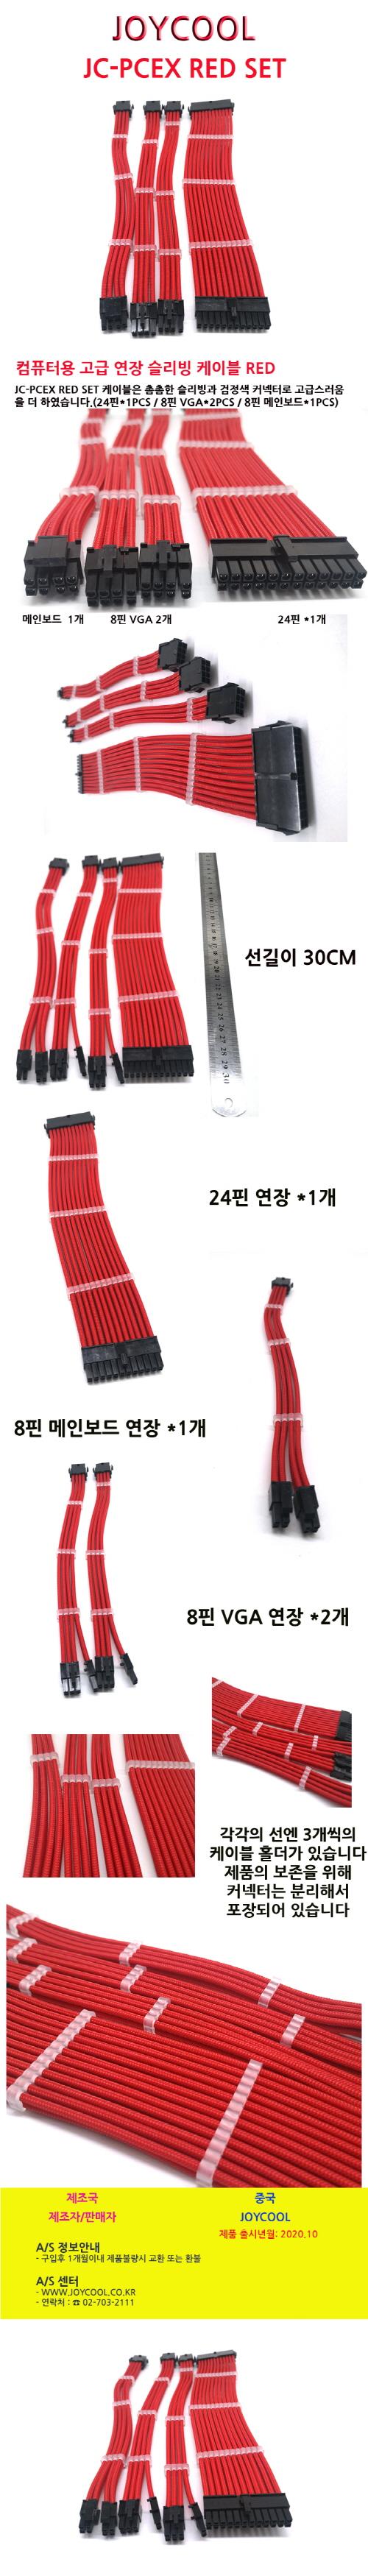 조이쿨 컴퓨터용 고급 연장 슬리빙 케이블 RED (JC-PCEX RED SET, 0.3m)